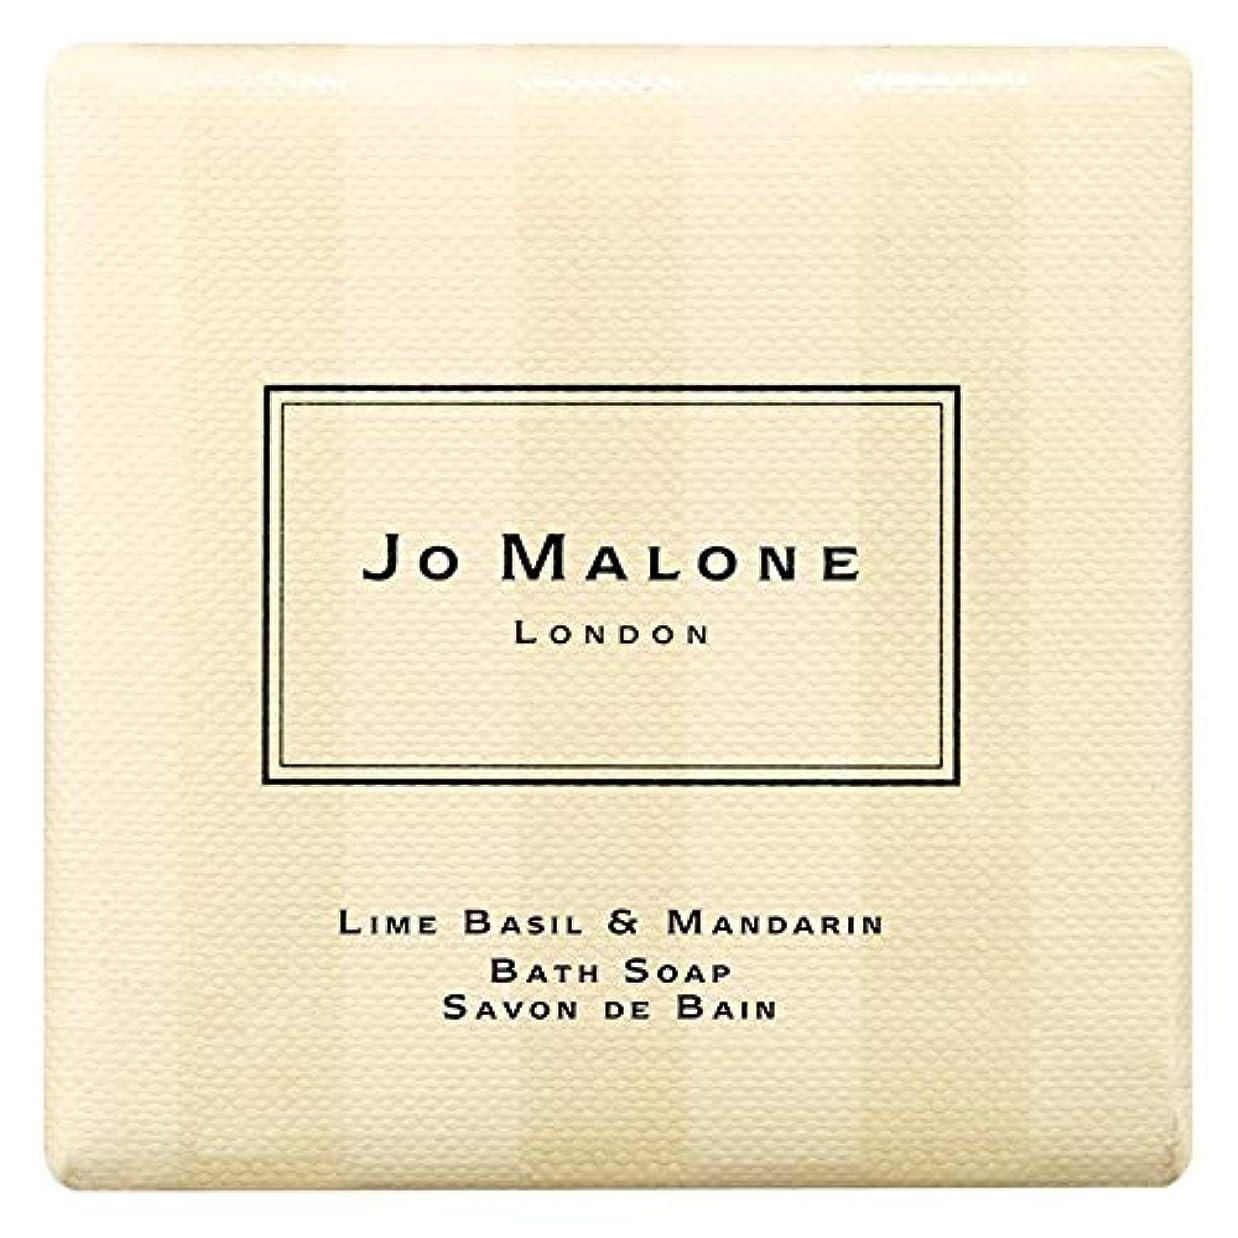 見捨てられた充電教養がある[Jo Malone] ジョーマローンロンドンライムバジル&マンダリンお風呂の石鹸100グラム - Jo Malone London Lime Basil & Mandarin Bath Soap 100g [並行輸入品]